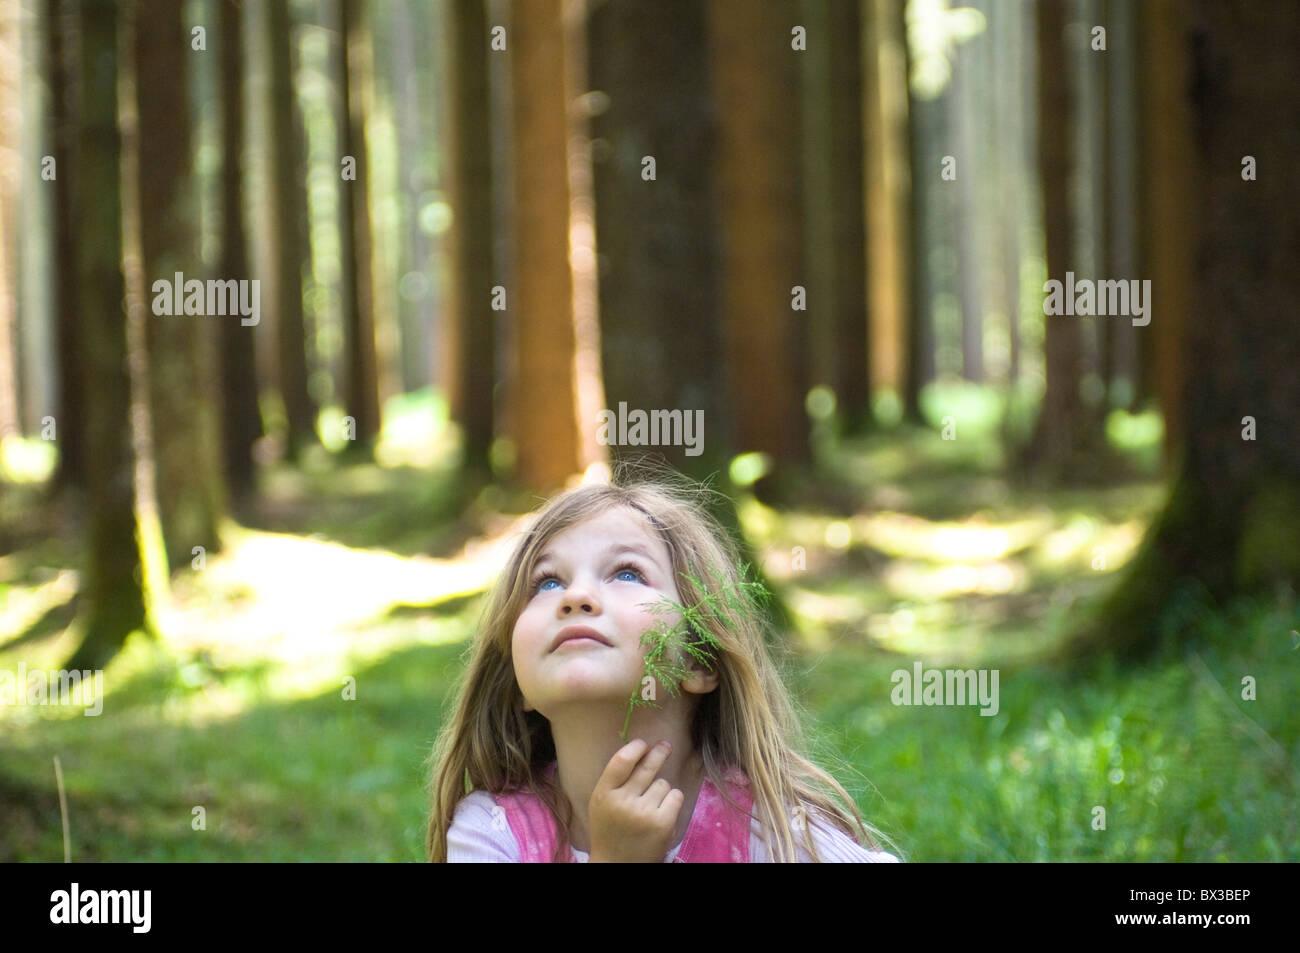 Ritratto di giovane ragazza in piedi nella foresta Immagini Stock